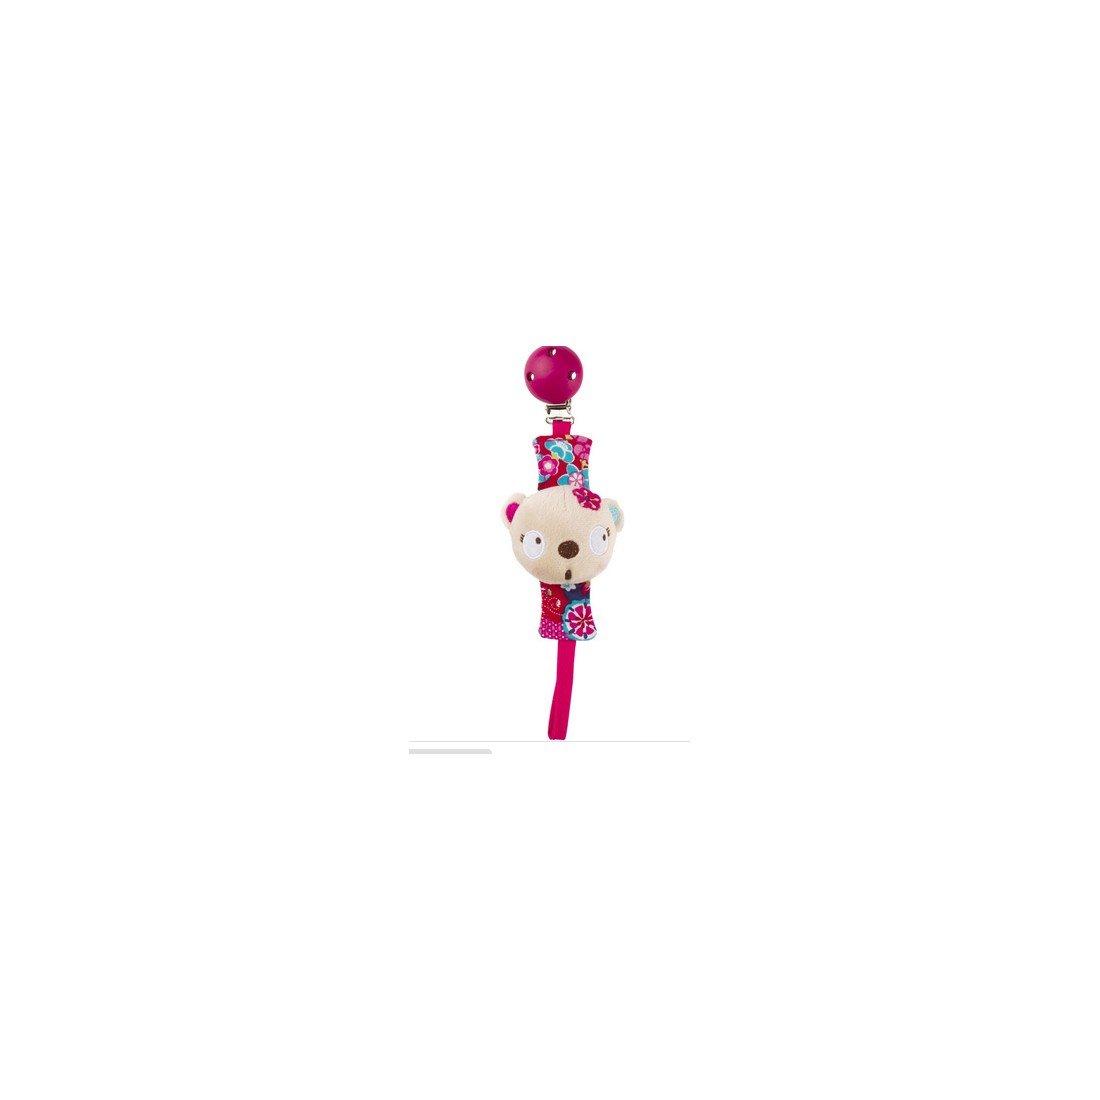 Pinza Chupete Niña Kimono Tuctuc: Amazon.es: Juguetes y juegos